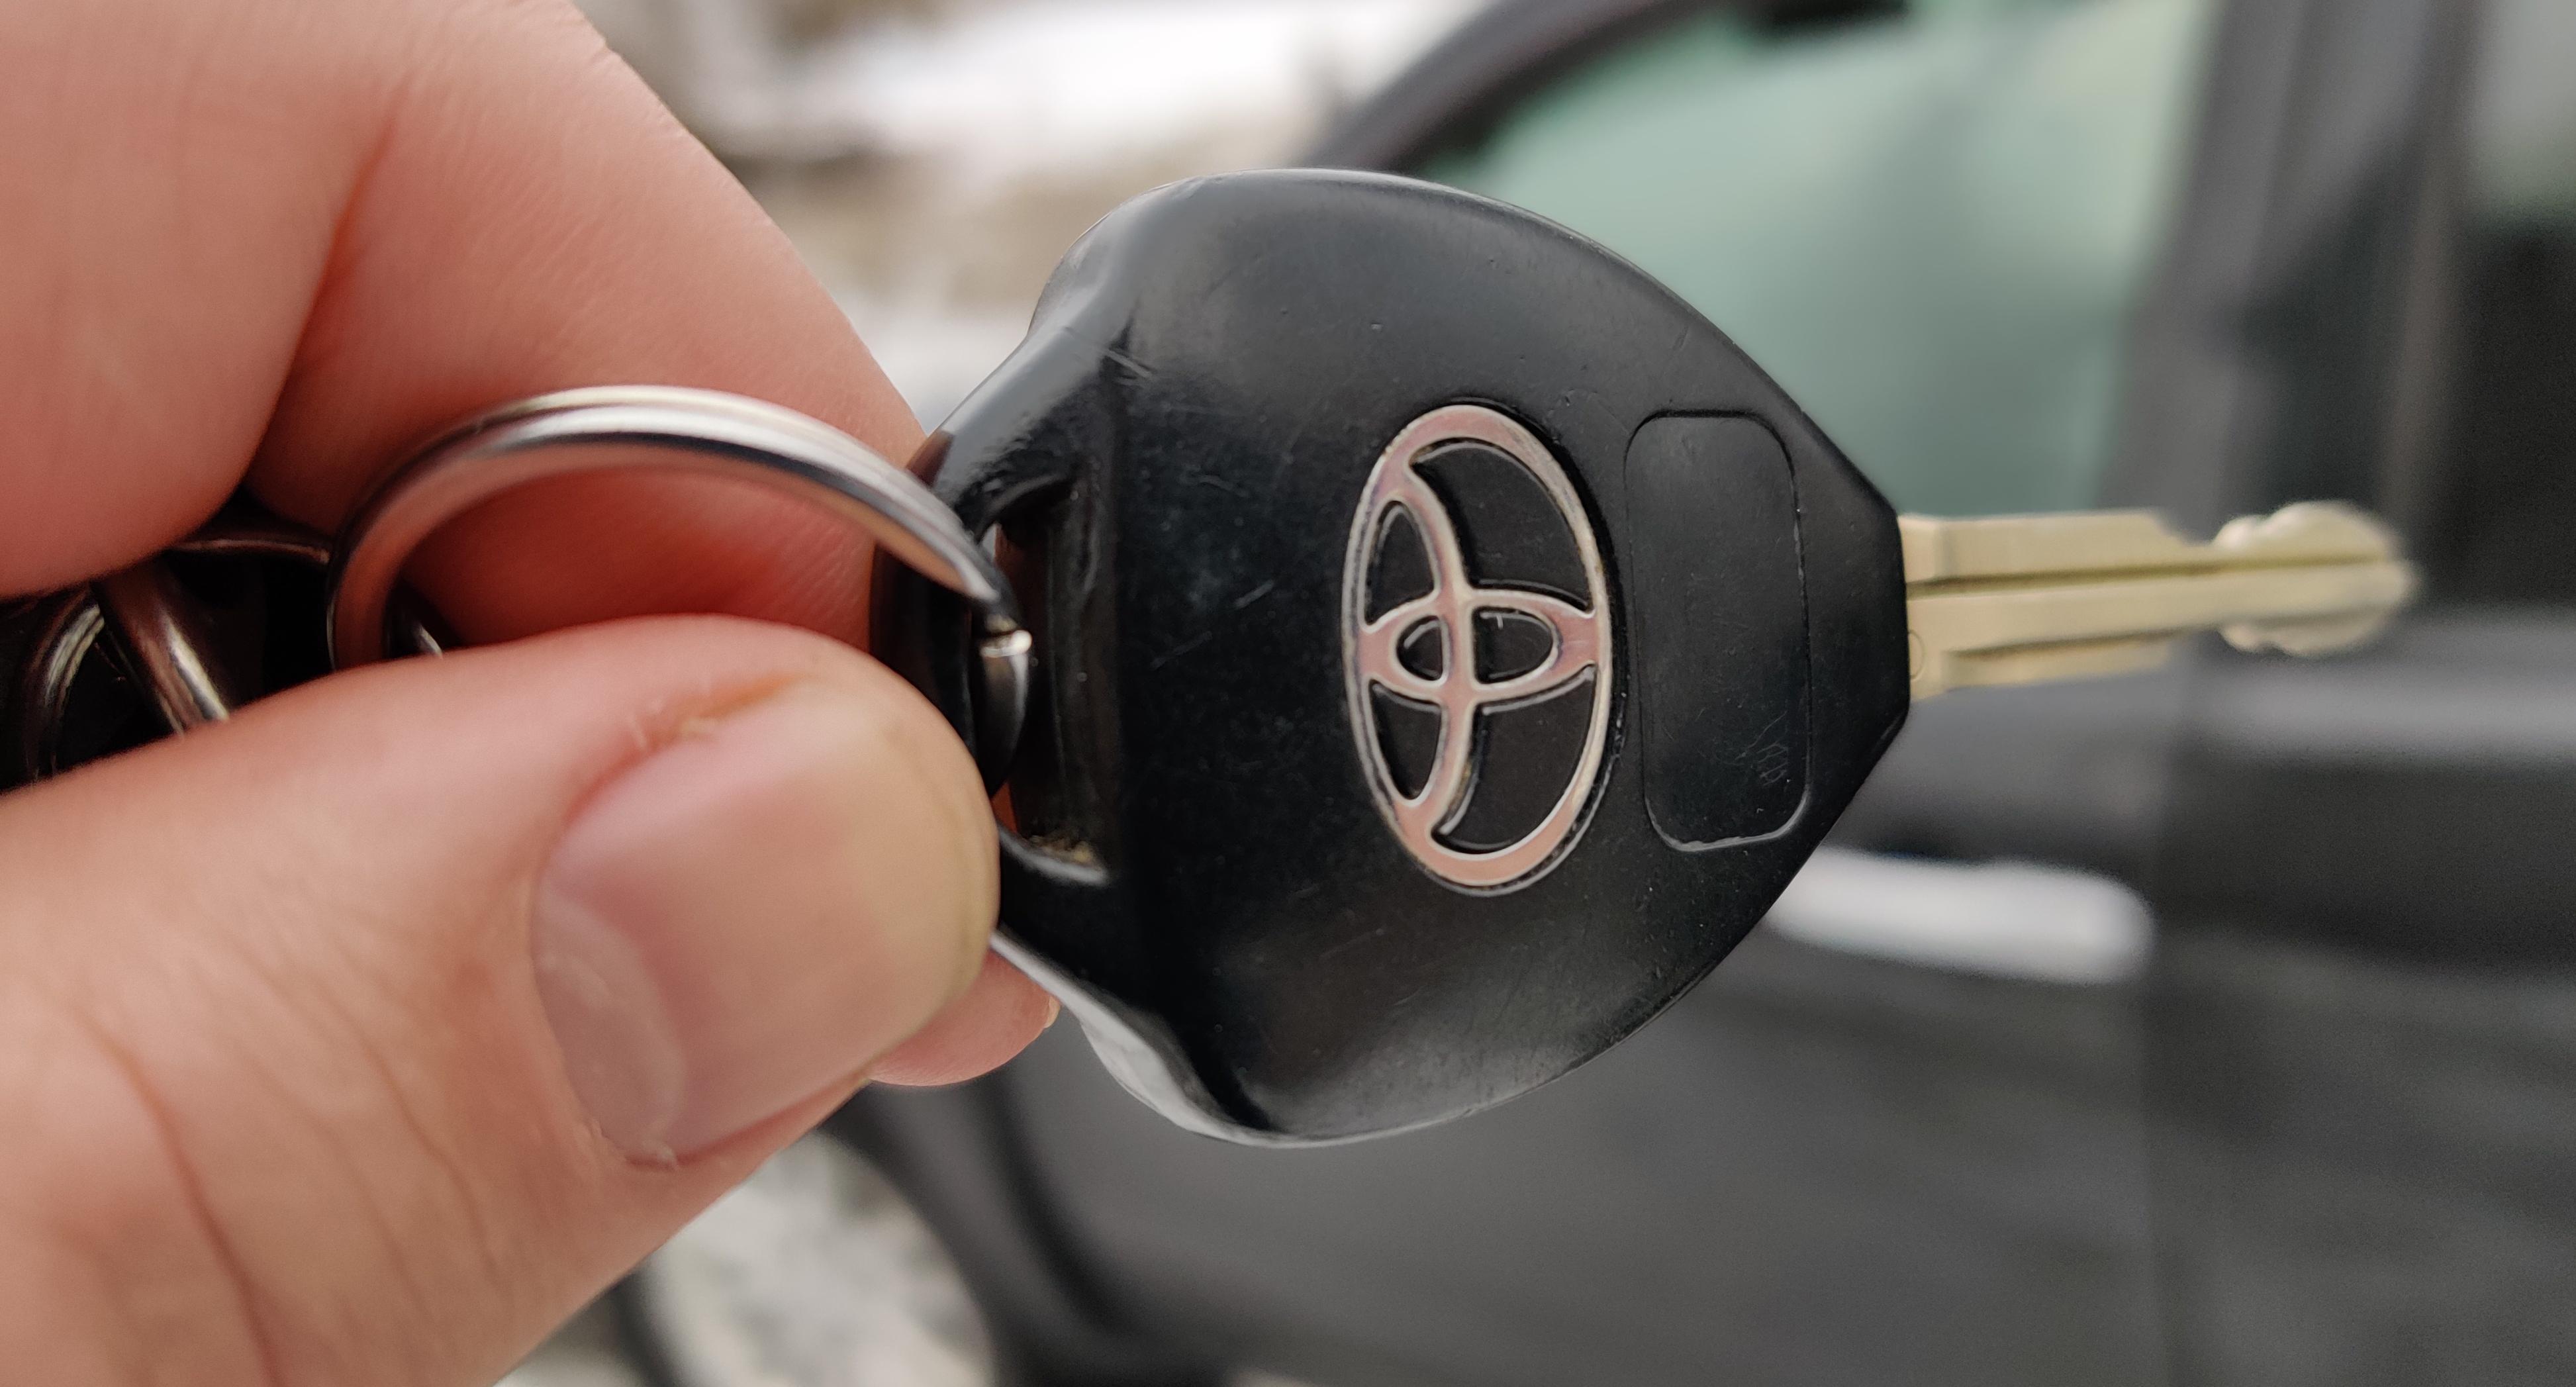 Hackere kan kopiere millioner av bilnøkler